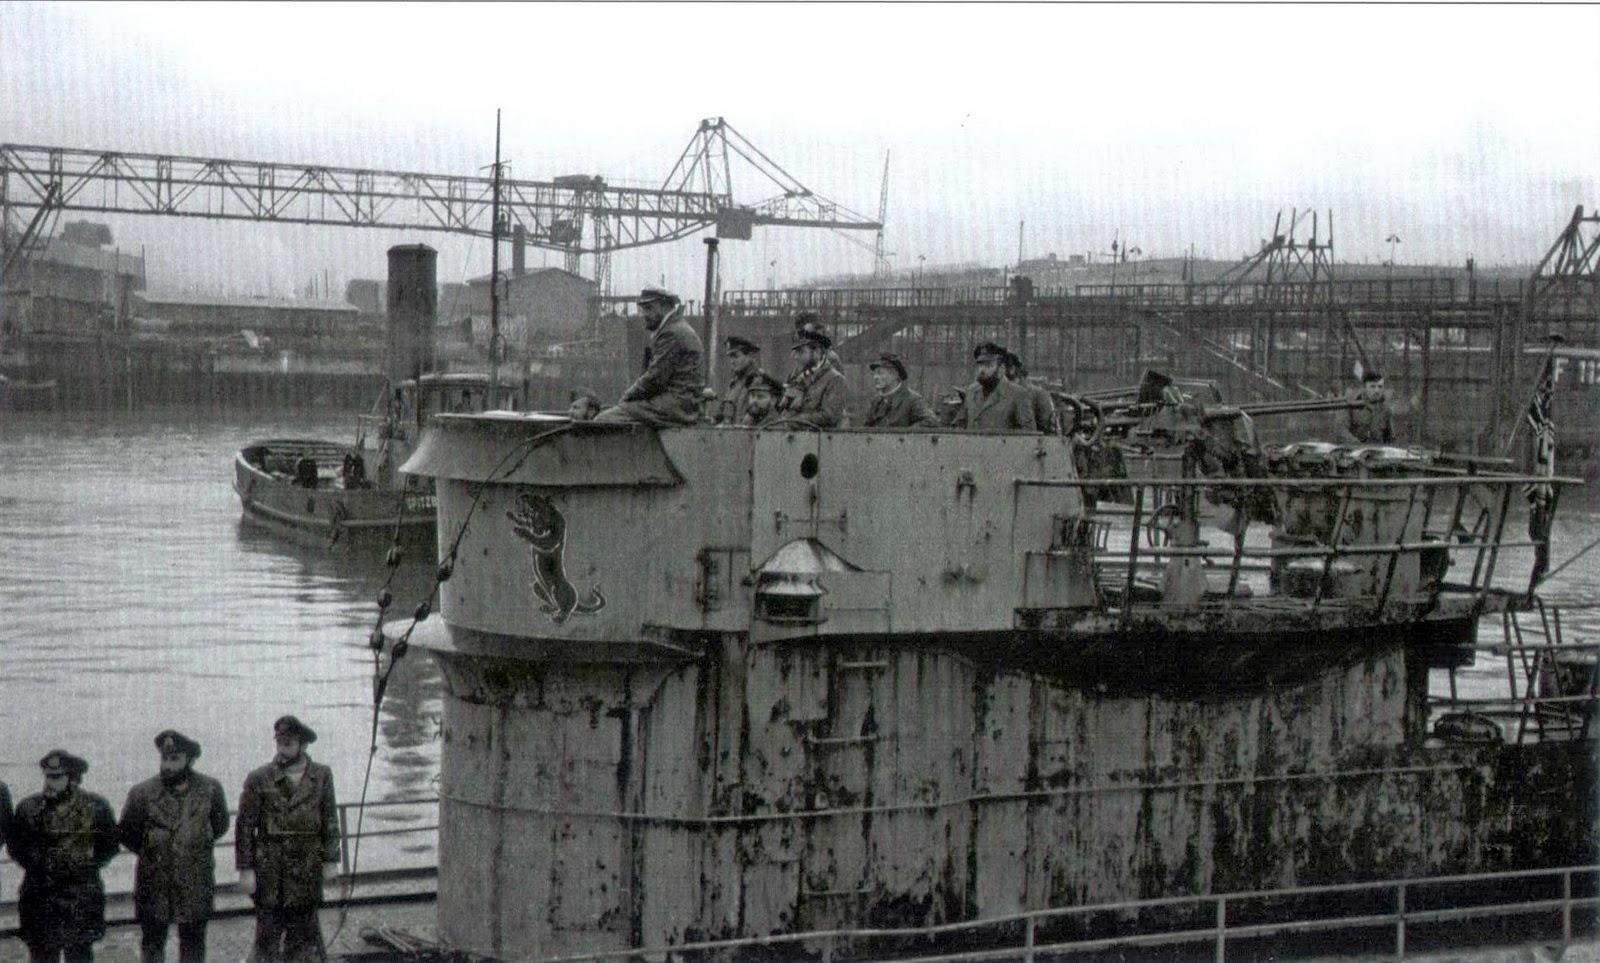 World War II Pictures In Details: U-861 at Trondheim